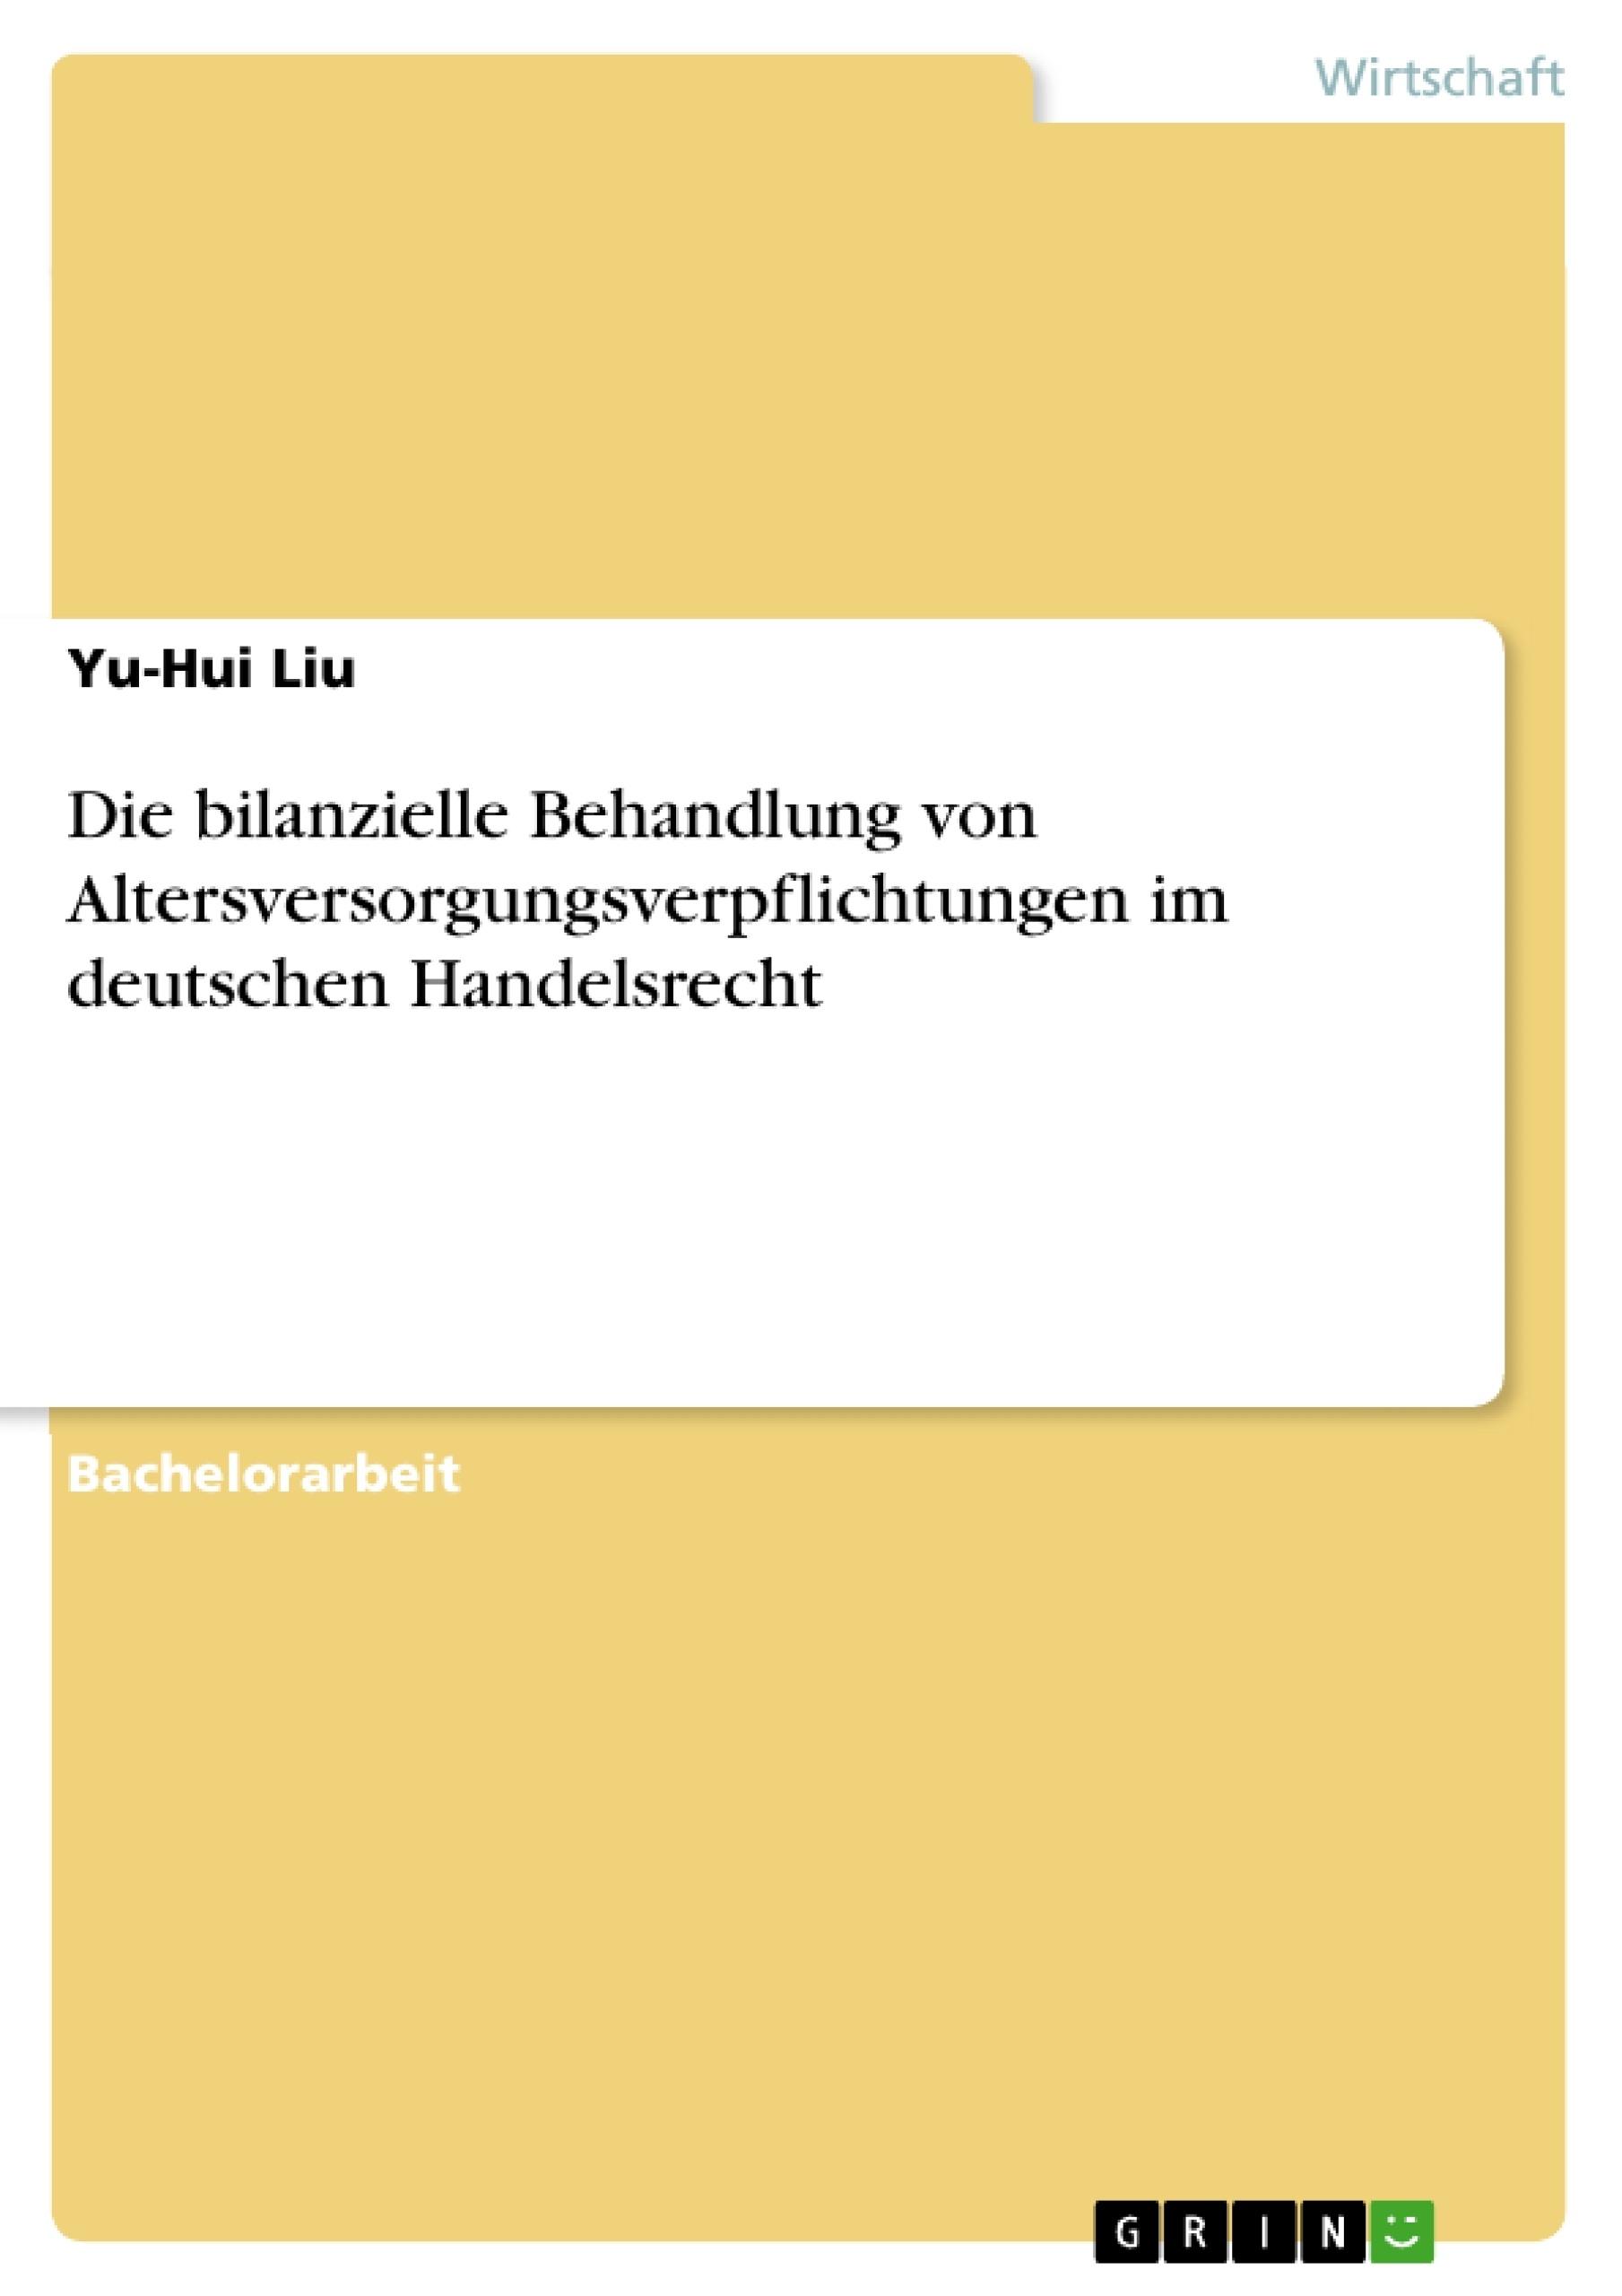 Titel: Die bilanzielle Behandlung von Altersversorgungsverpflichtungen  im deutschen Handelsrecht